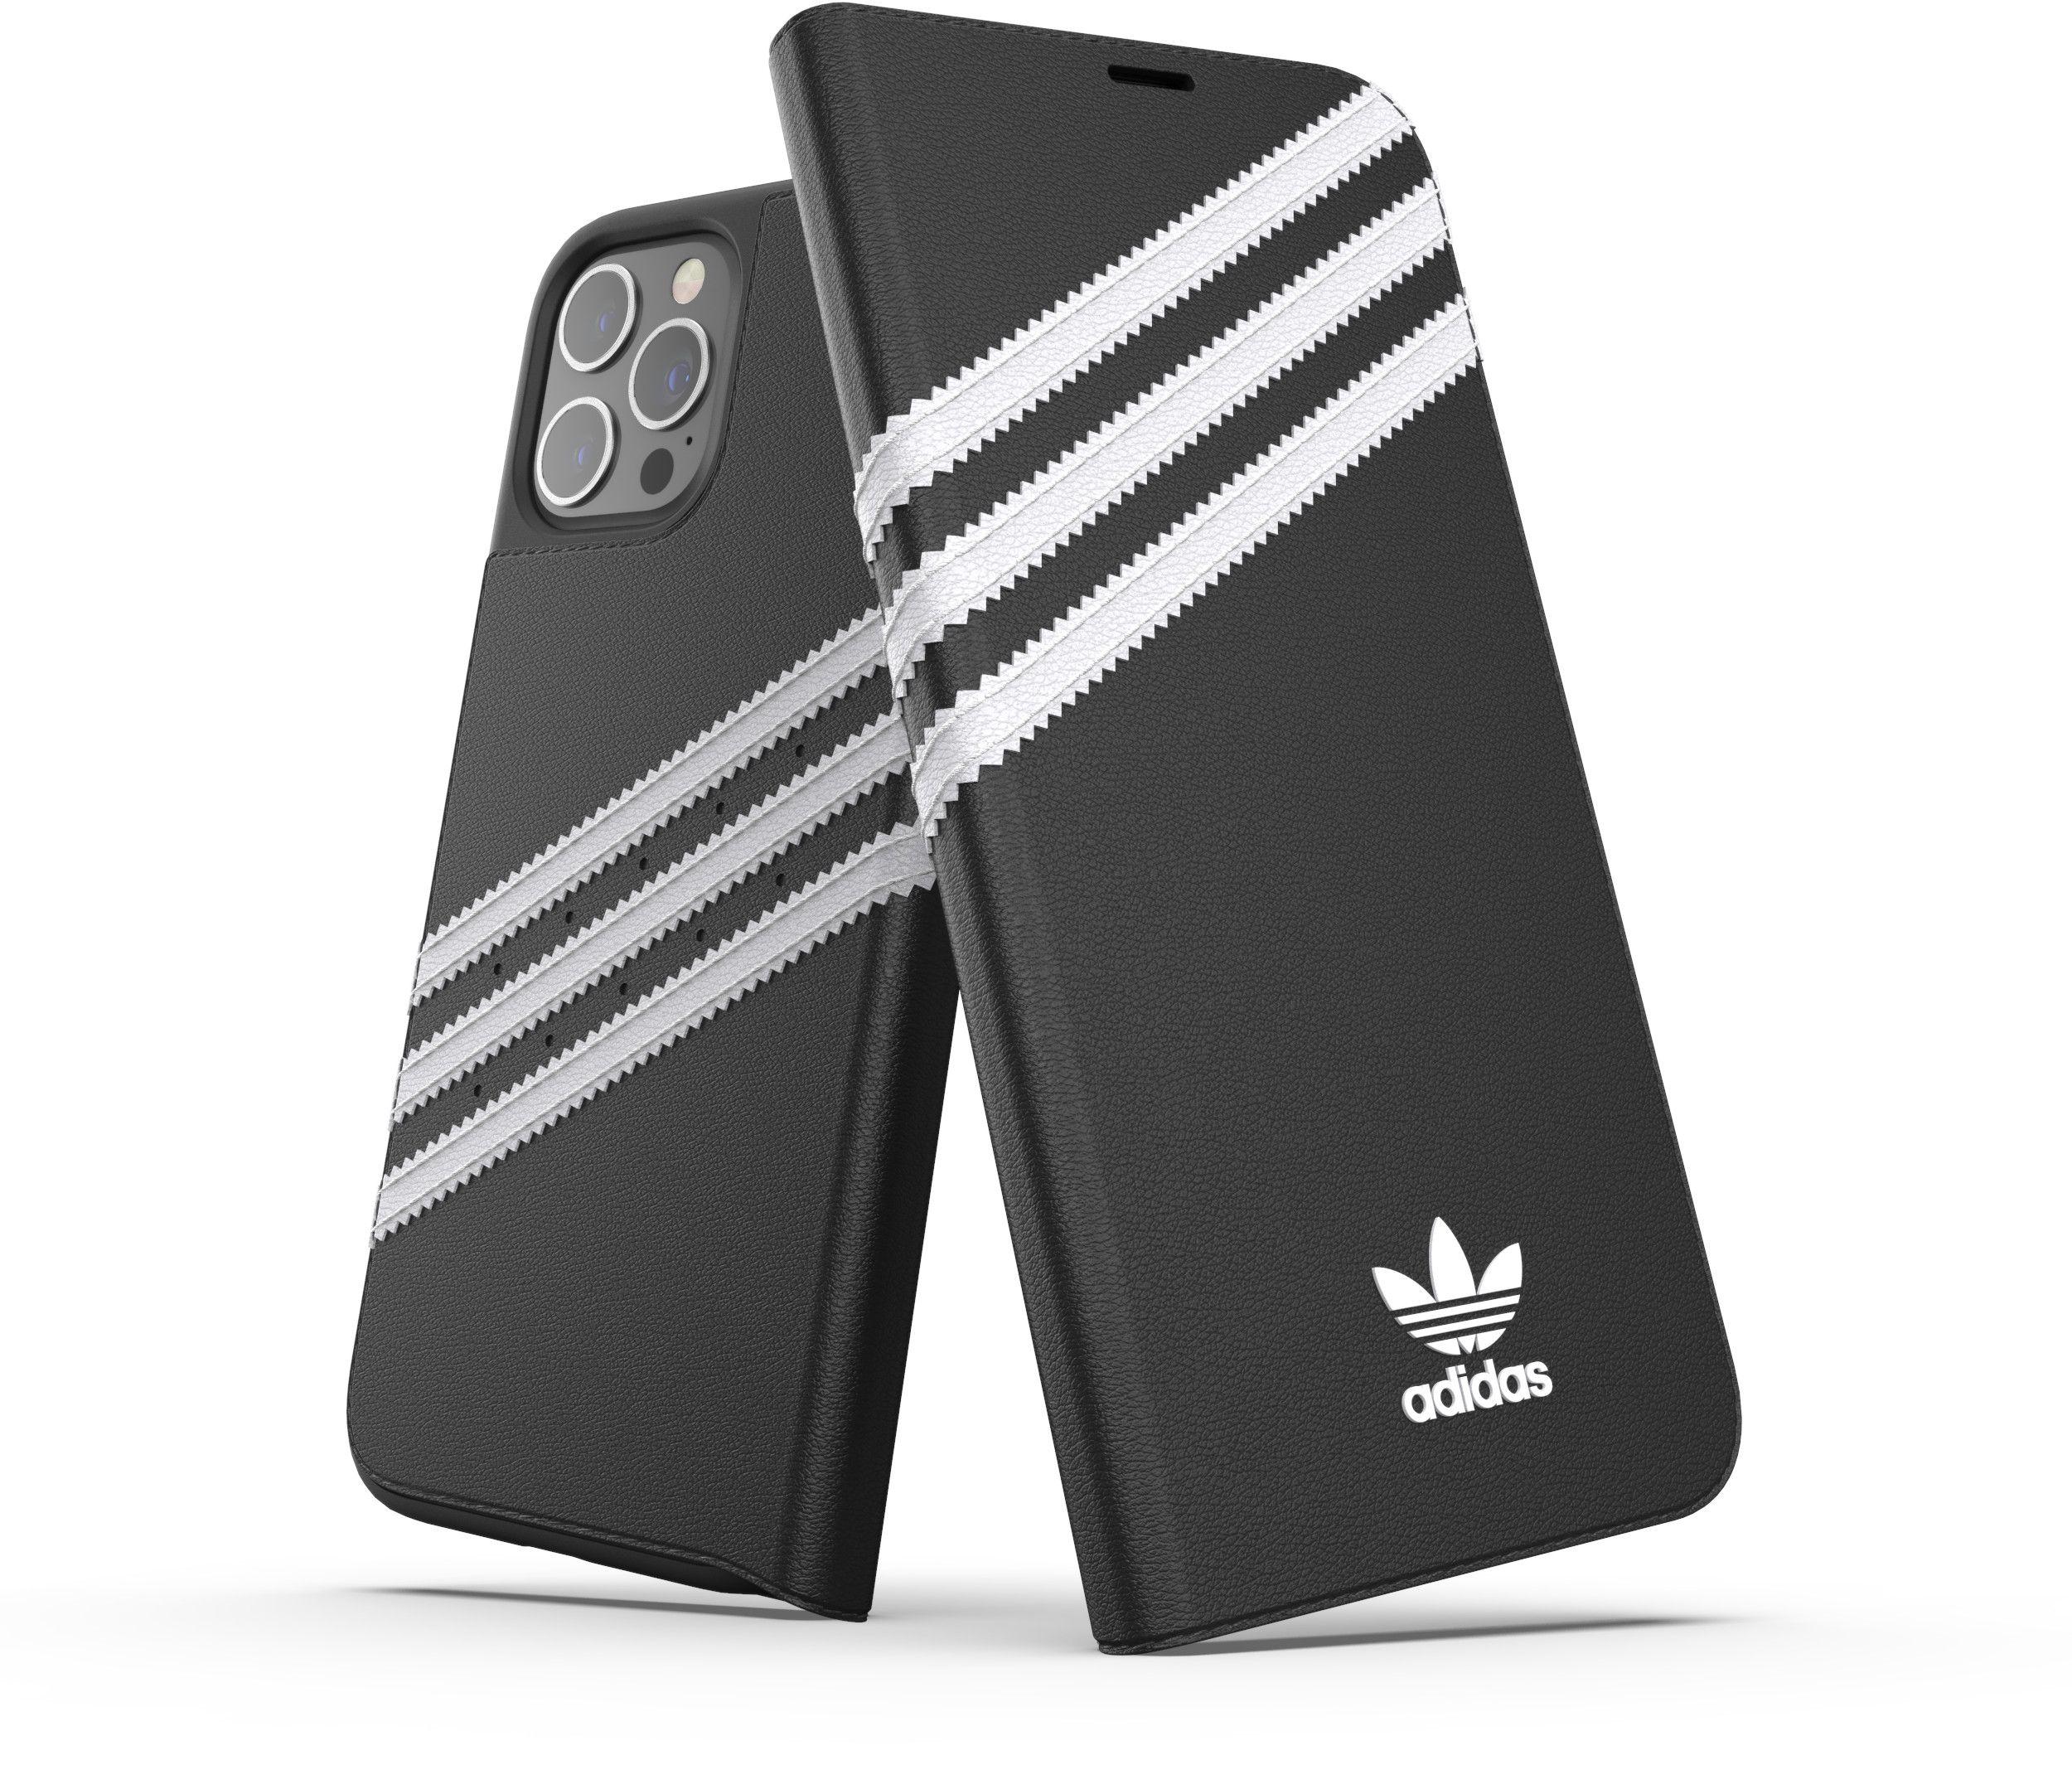 Adidas OR Original Booklet Case (iPhone 12 Pro Max)